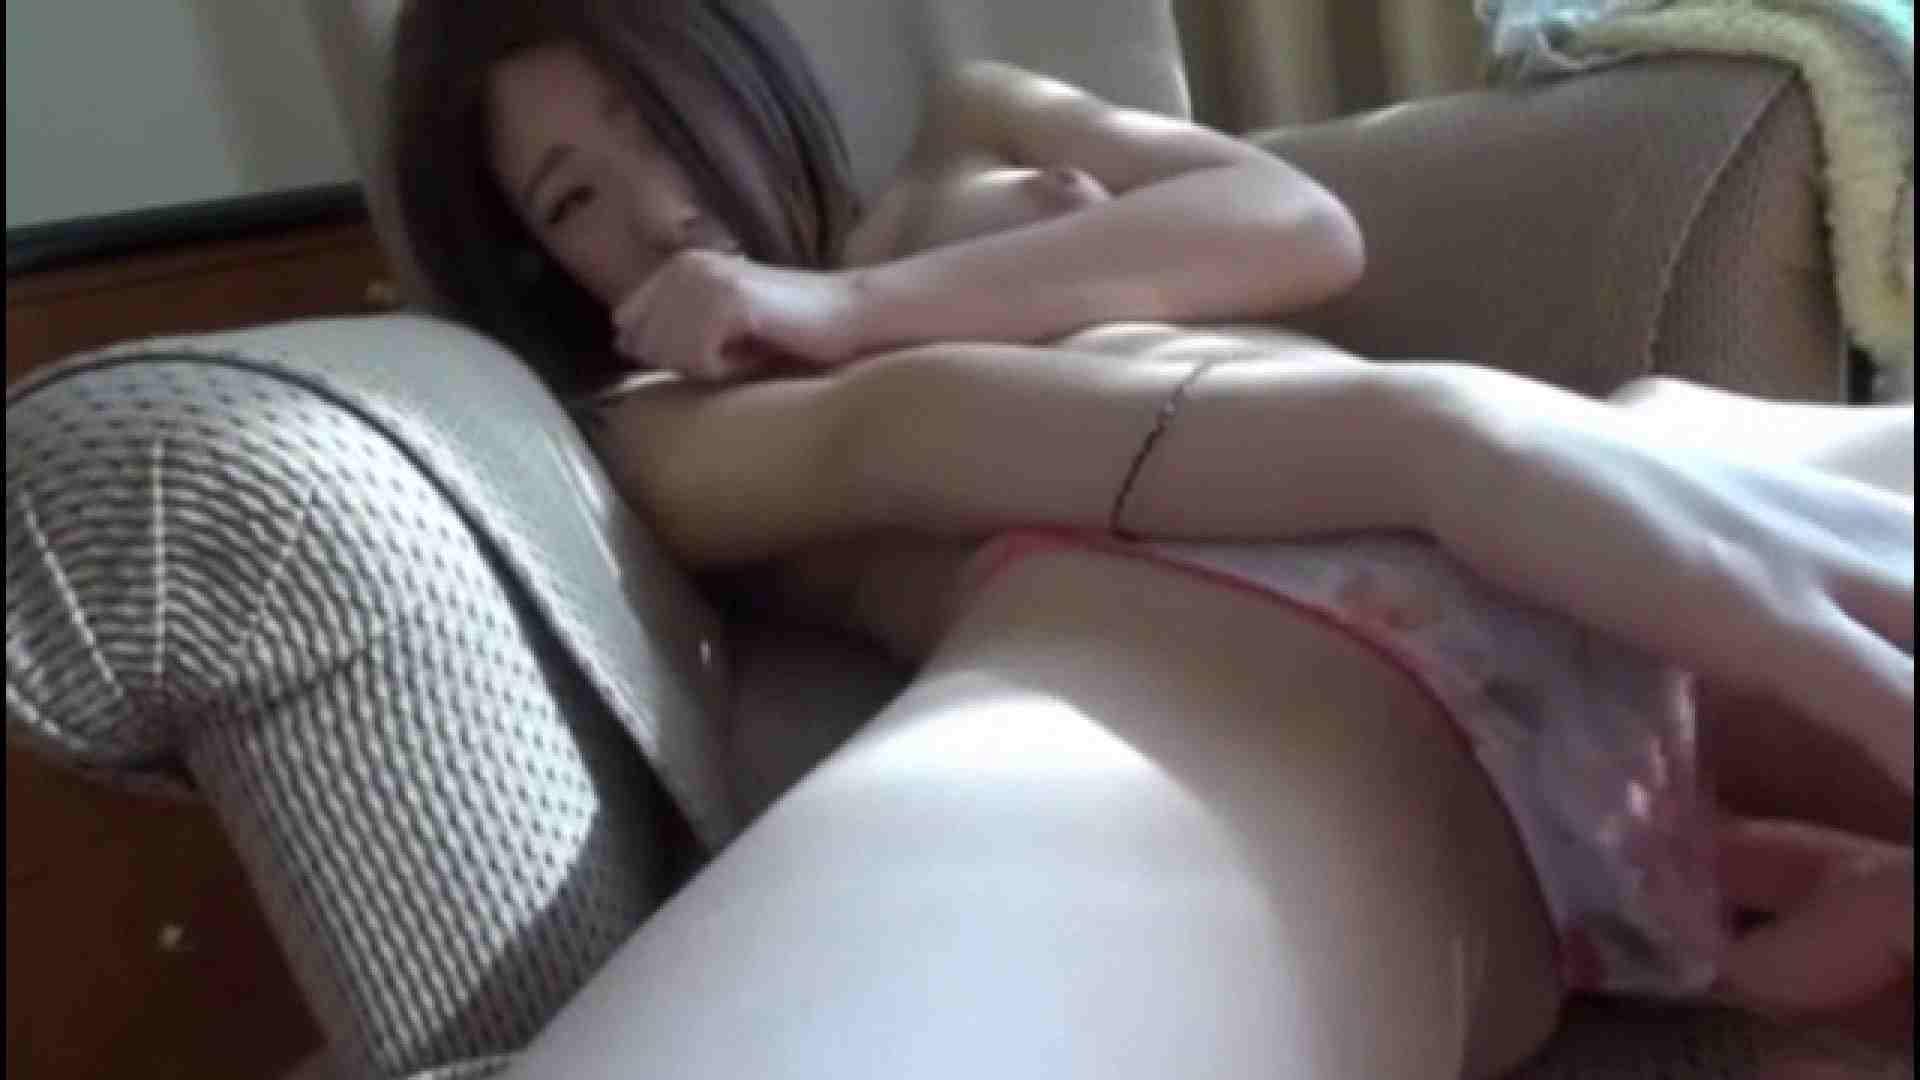 おしえてギャル子のH塾 Vol.45前編 ギャル オマンコ動画キャプチャ 57連発 35